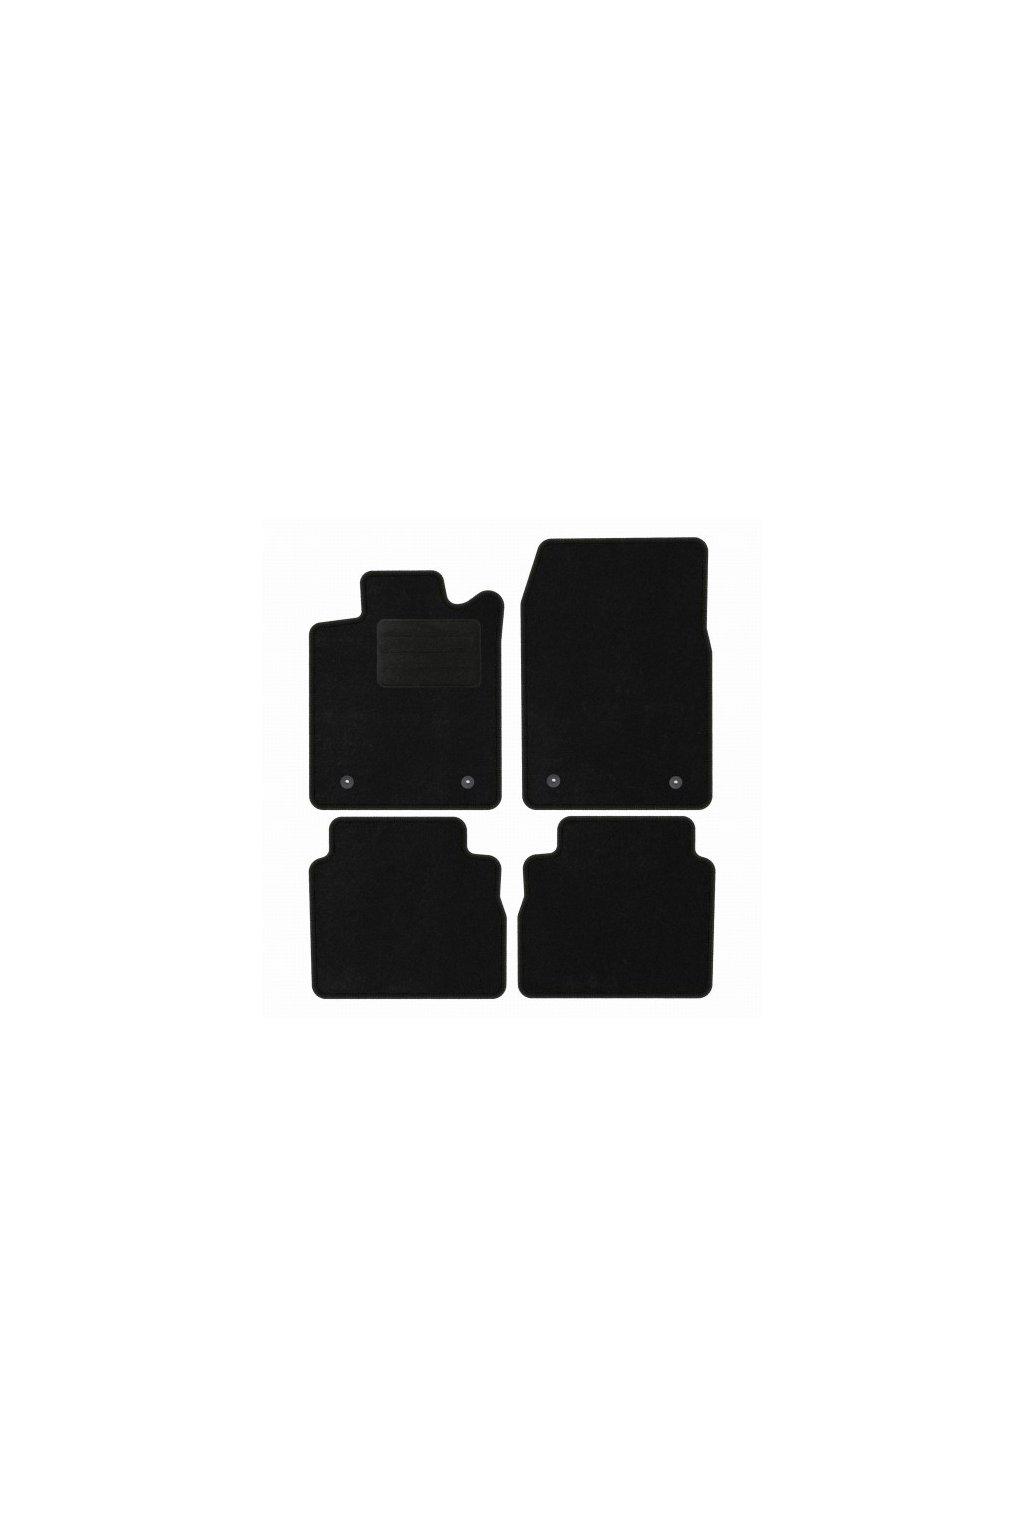 Koberce textilni ACR Opel Vectra C KOMBI 2002-2008 černá